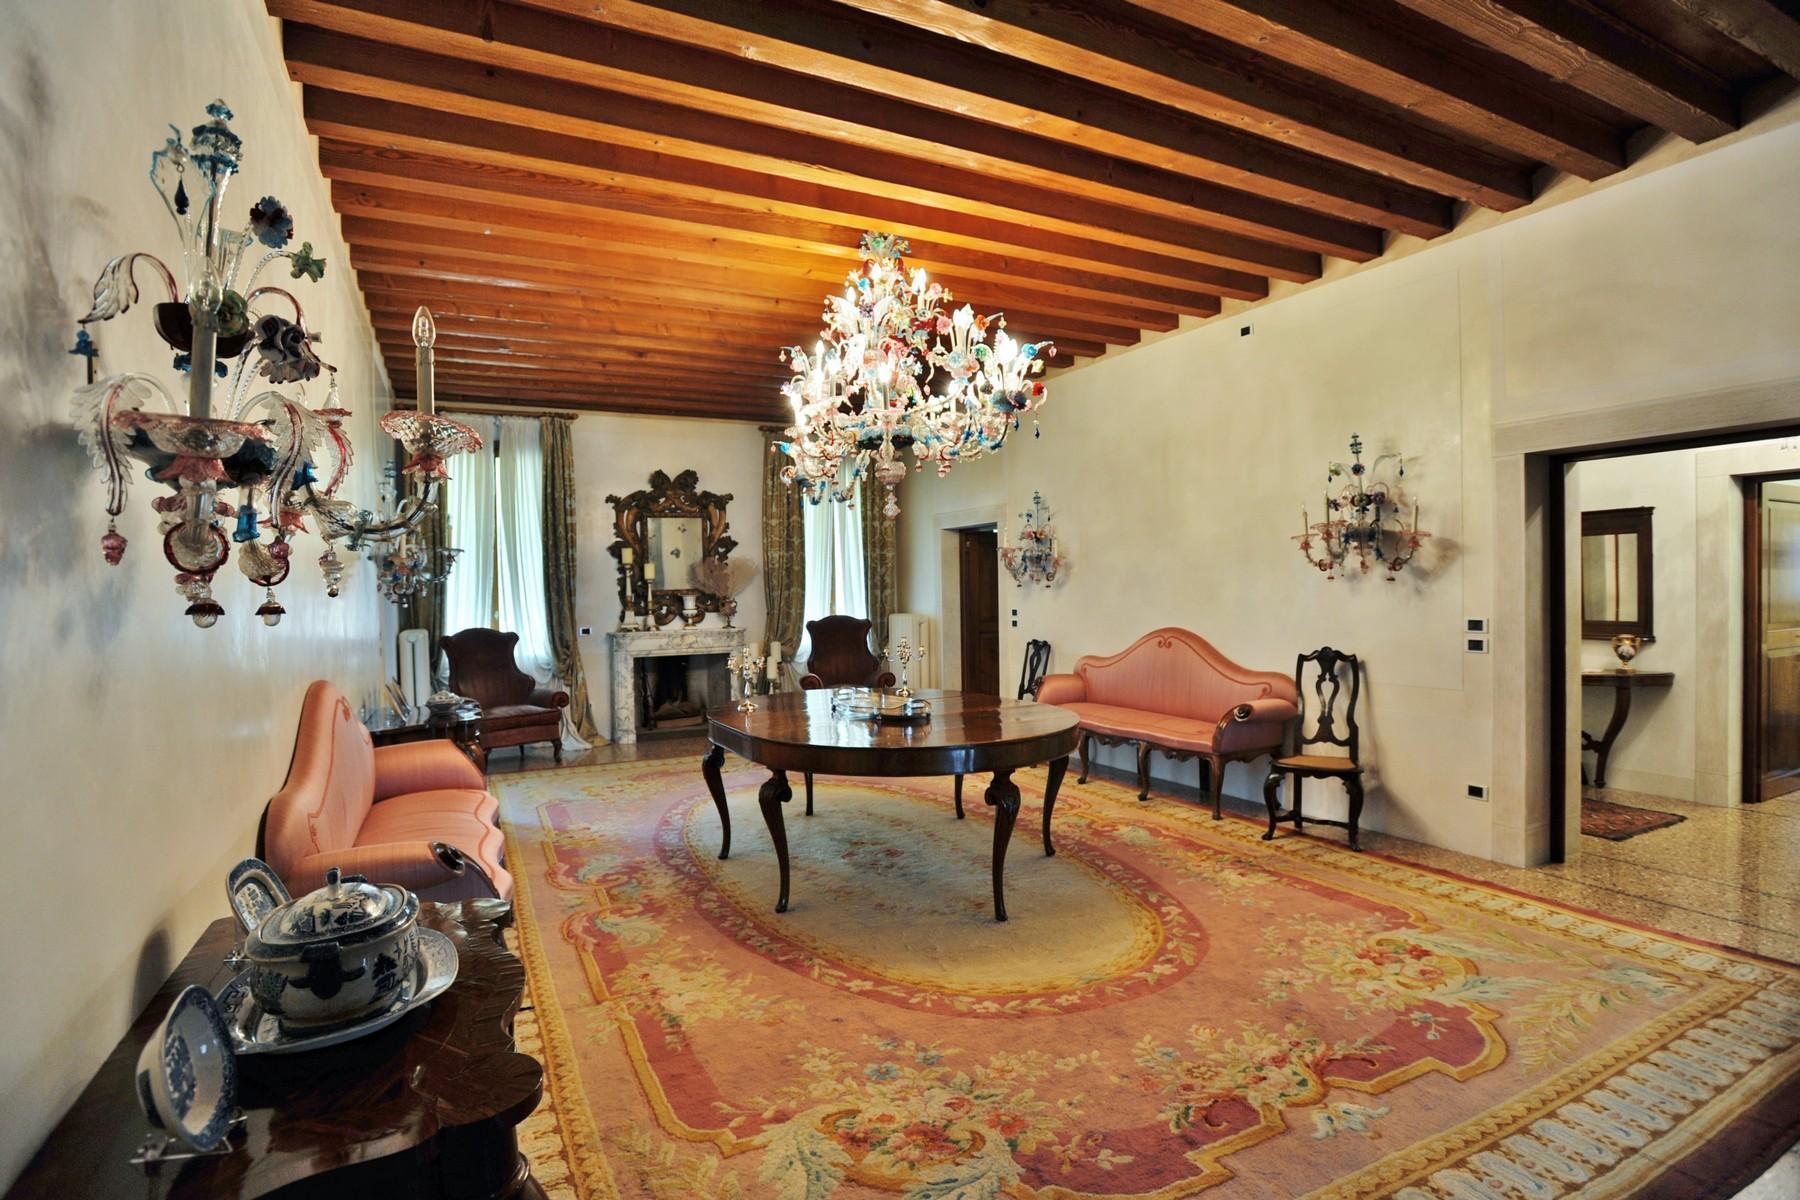 位于壮观的威尼斯别墅主楼层的优雅公寓 - 3